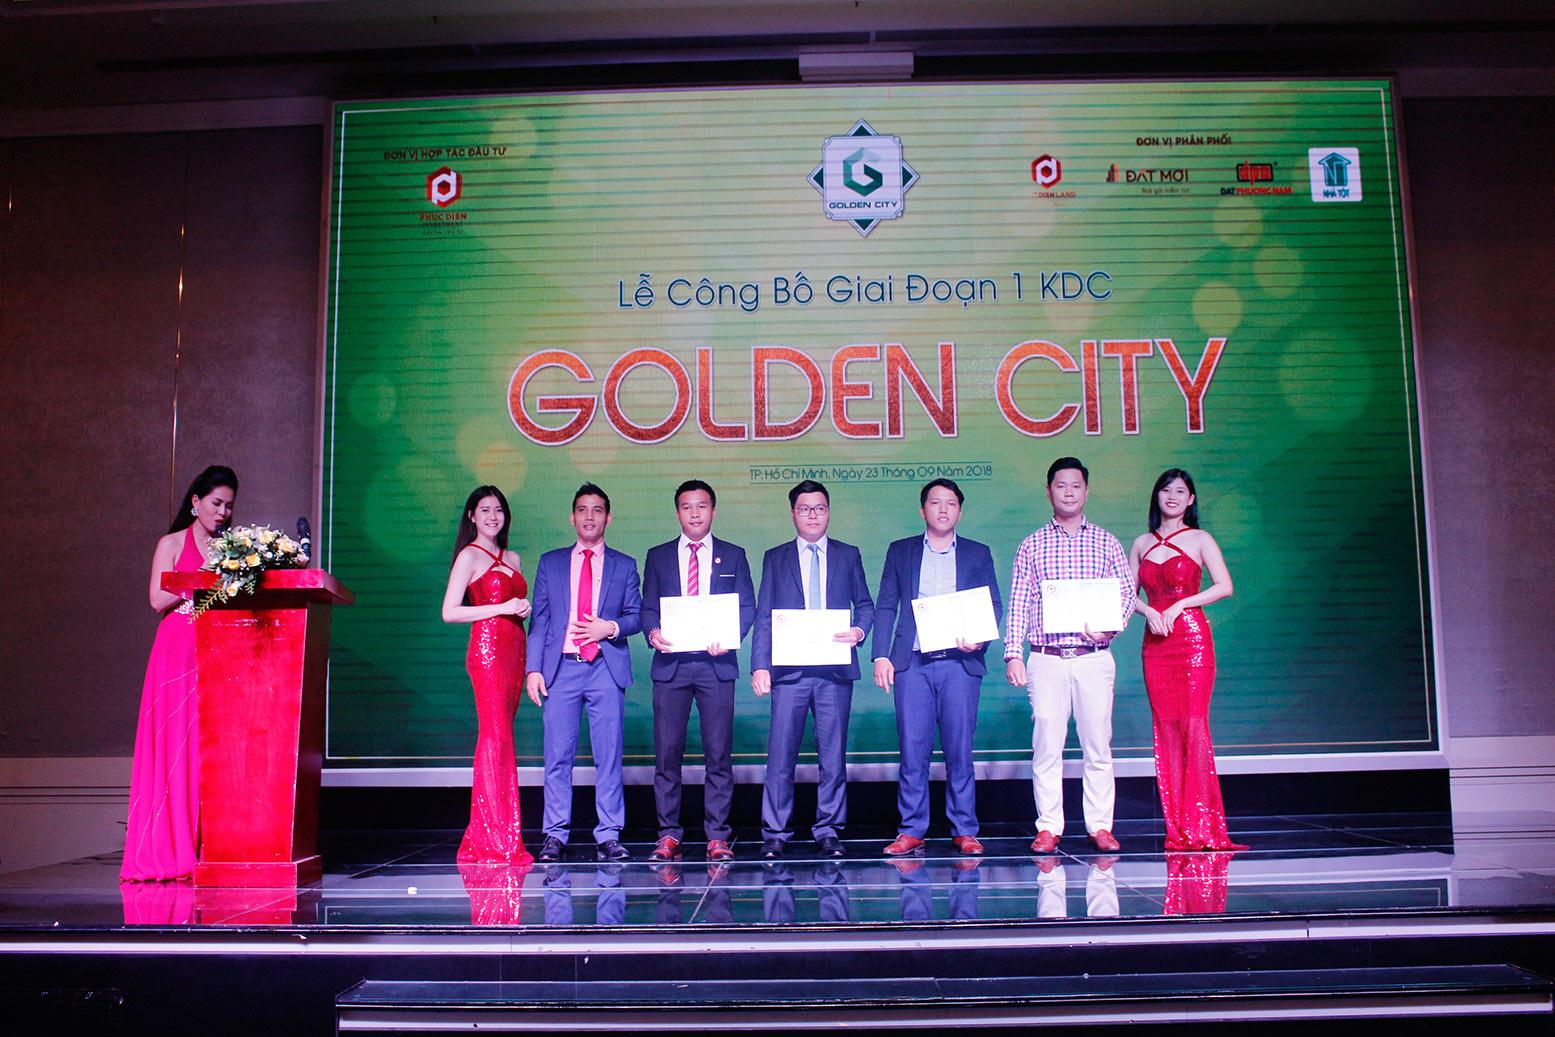 Hơn 90% giao dịch thành công tại buổi lễ công bố giai đoạn 1 KDC Golden City 9